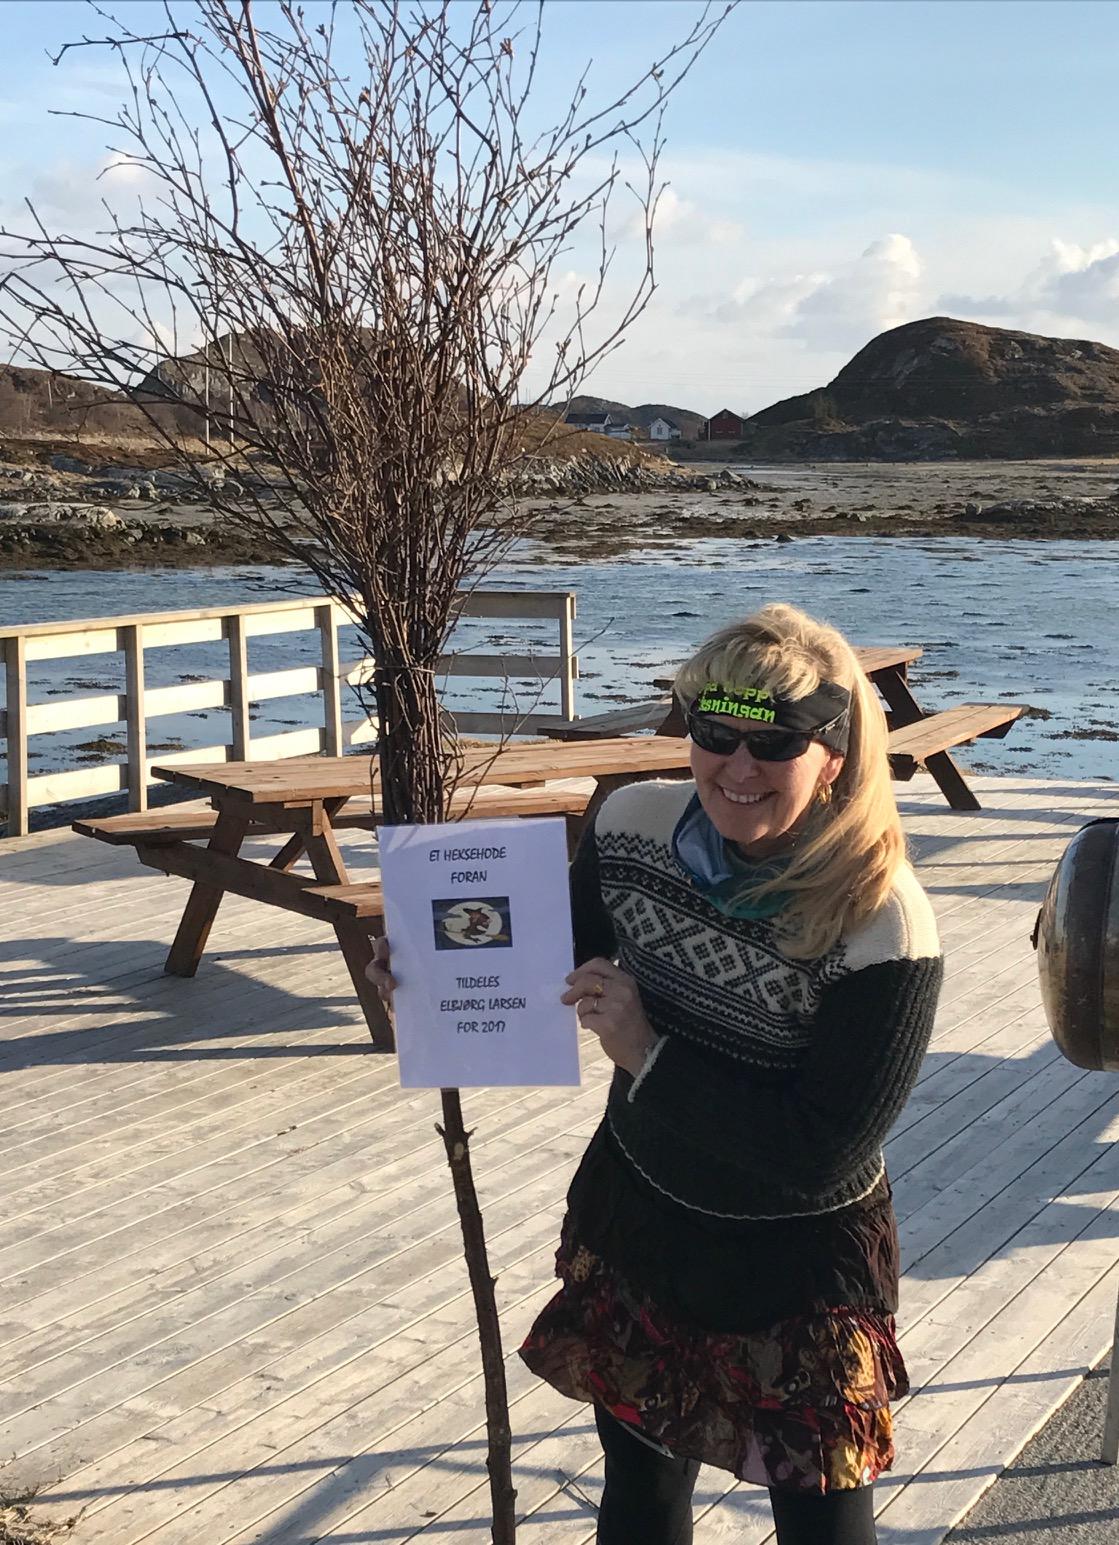 Sesongstart for 5 på topp i Øksningan_pris til Elbjørg